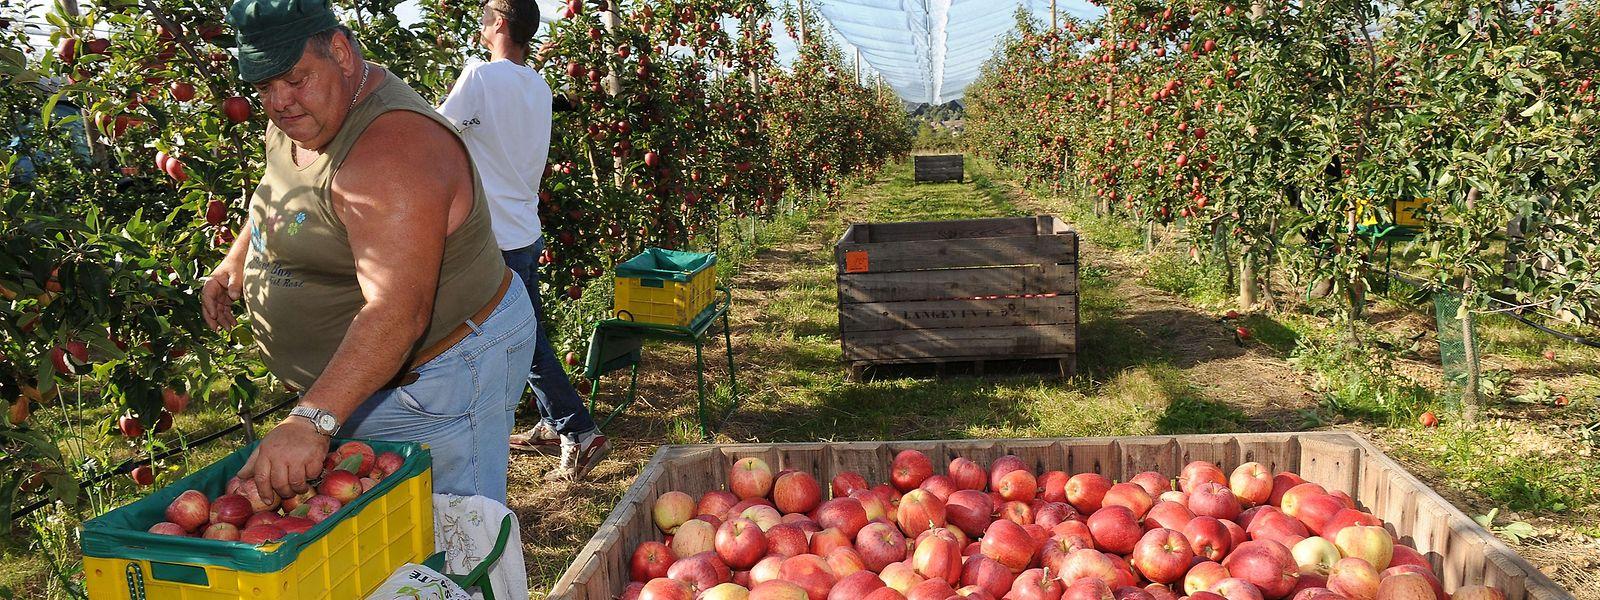 La pomme reste parmi les fruits les plus appréciés des jeunes Luxembourgeois. Mais derrière la clémentine et la banane.